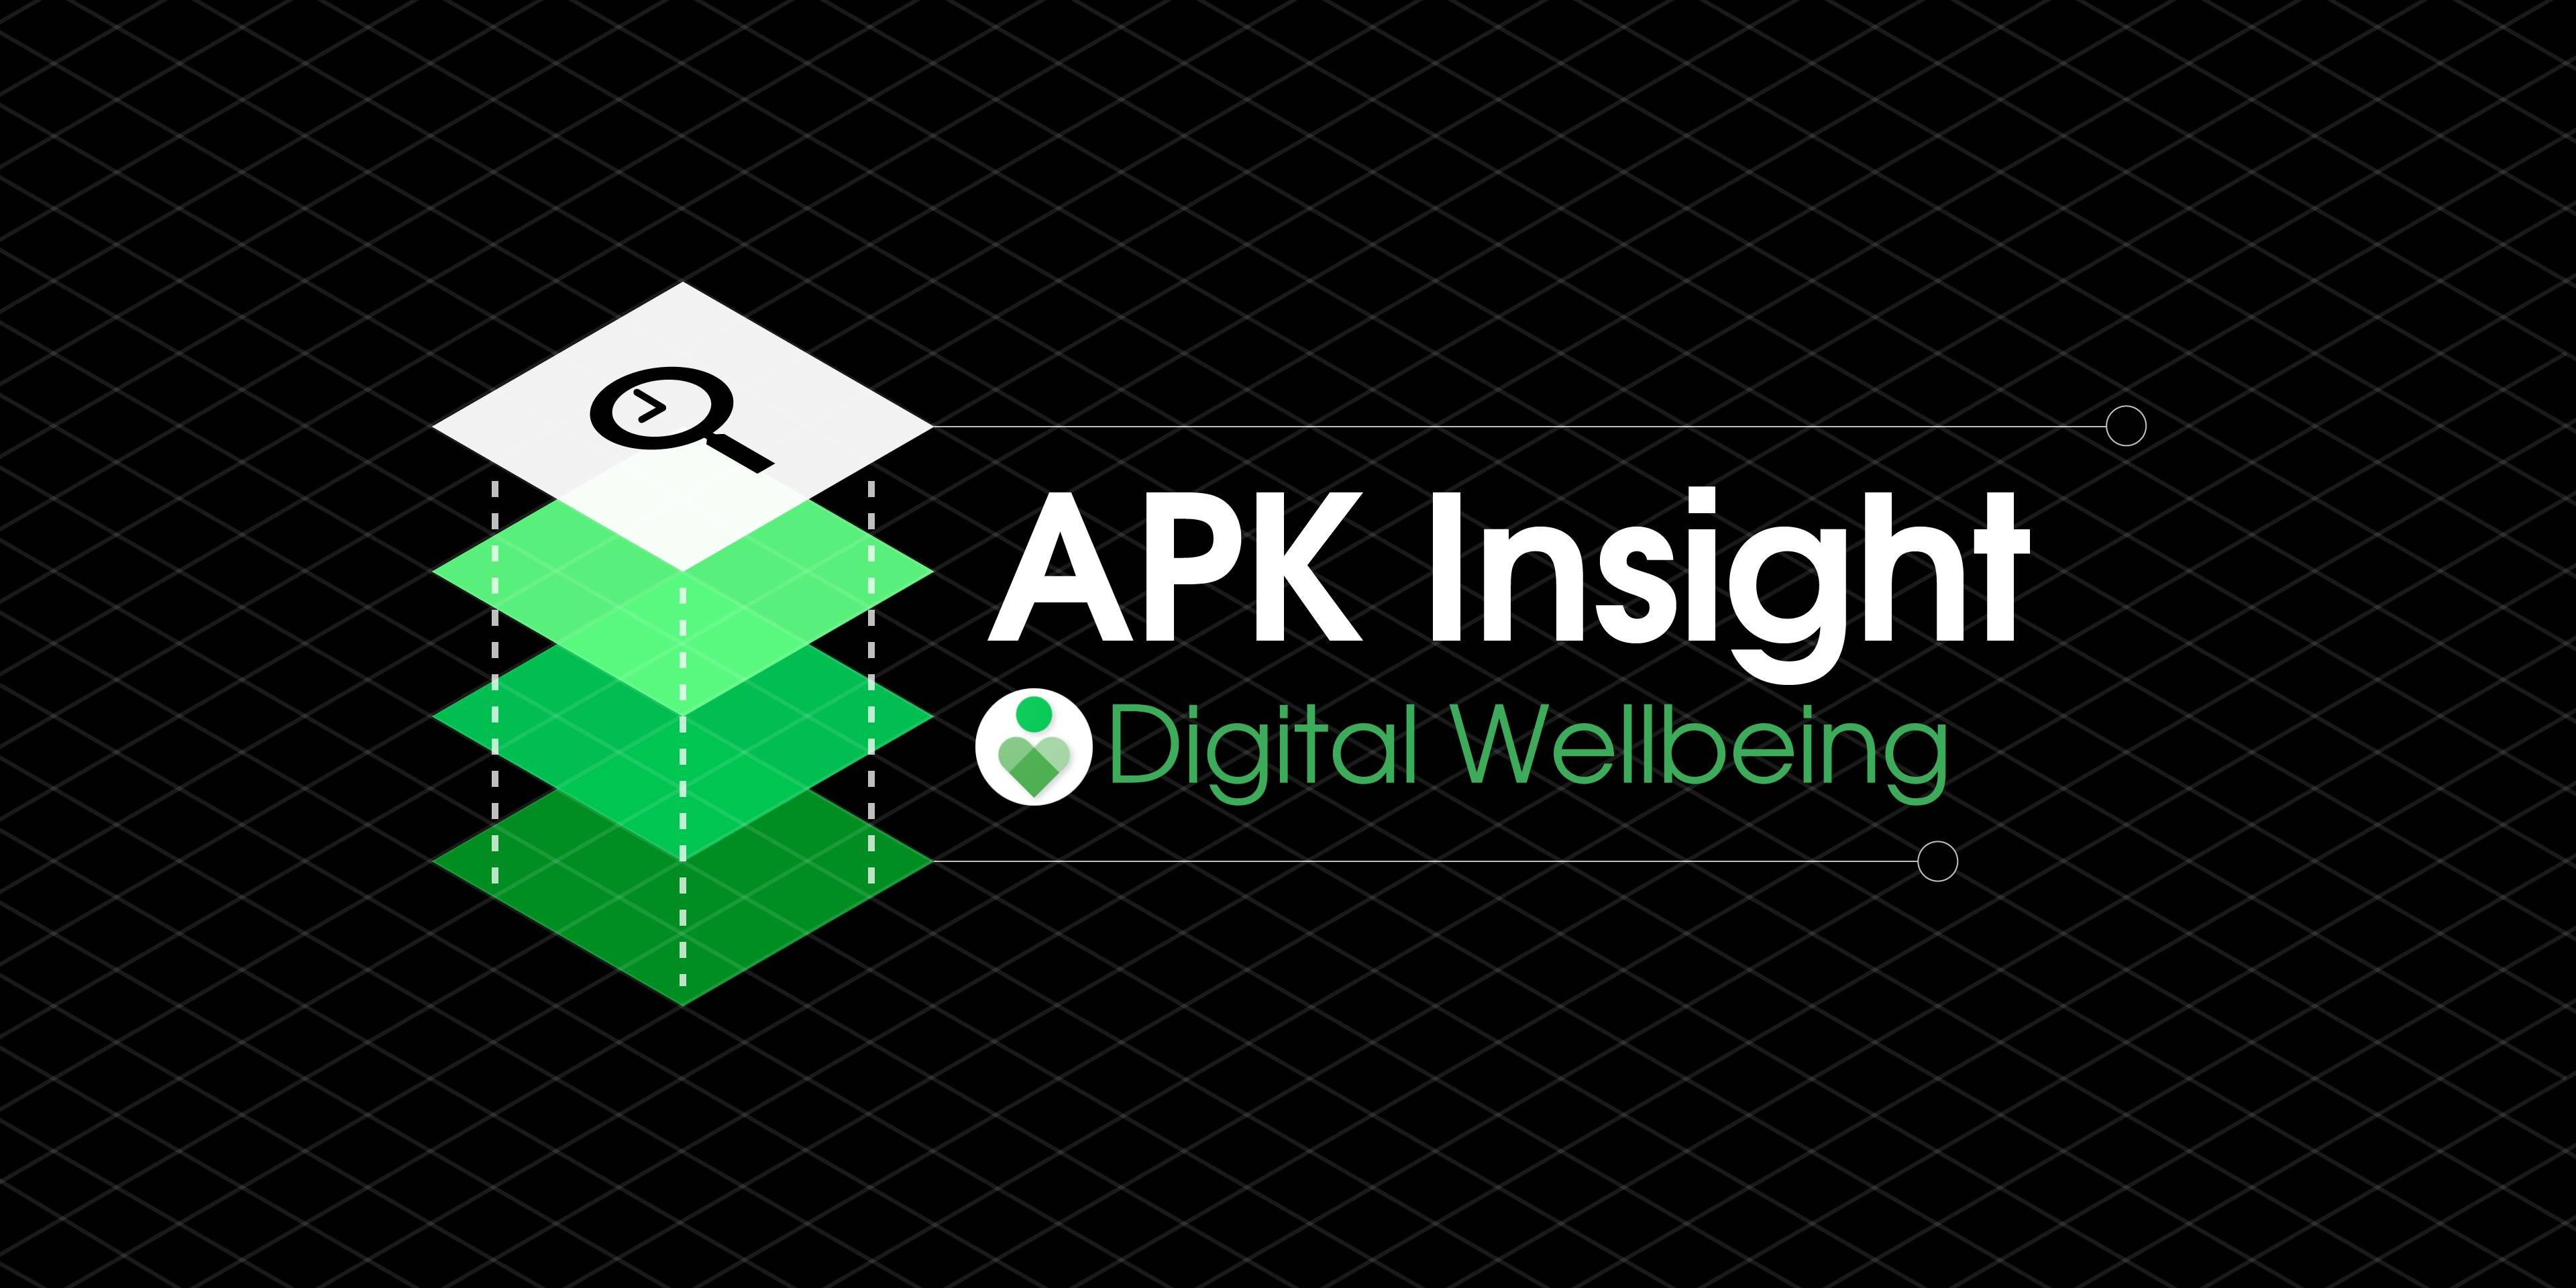 Digital Wellbeing bereitet tägliche Timer und Nutzungsverfolgung für Websites vor [APK Insight]